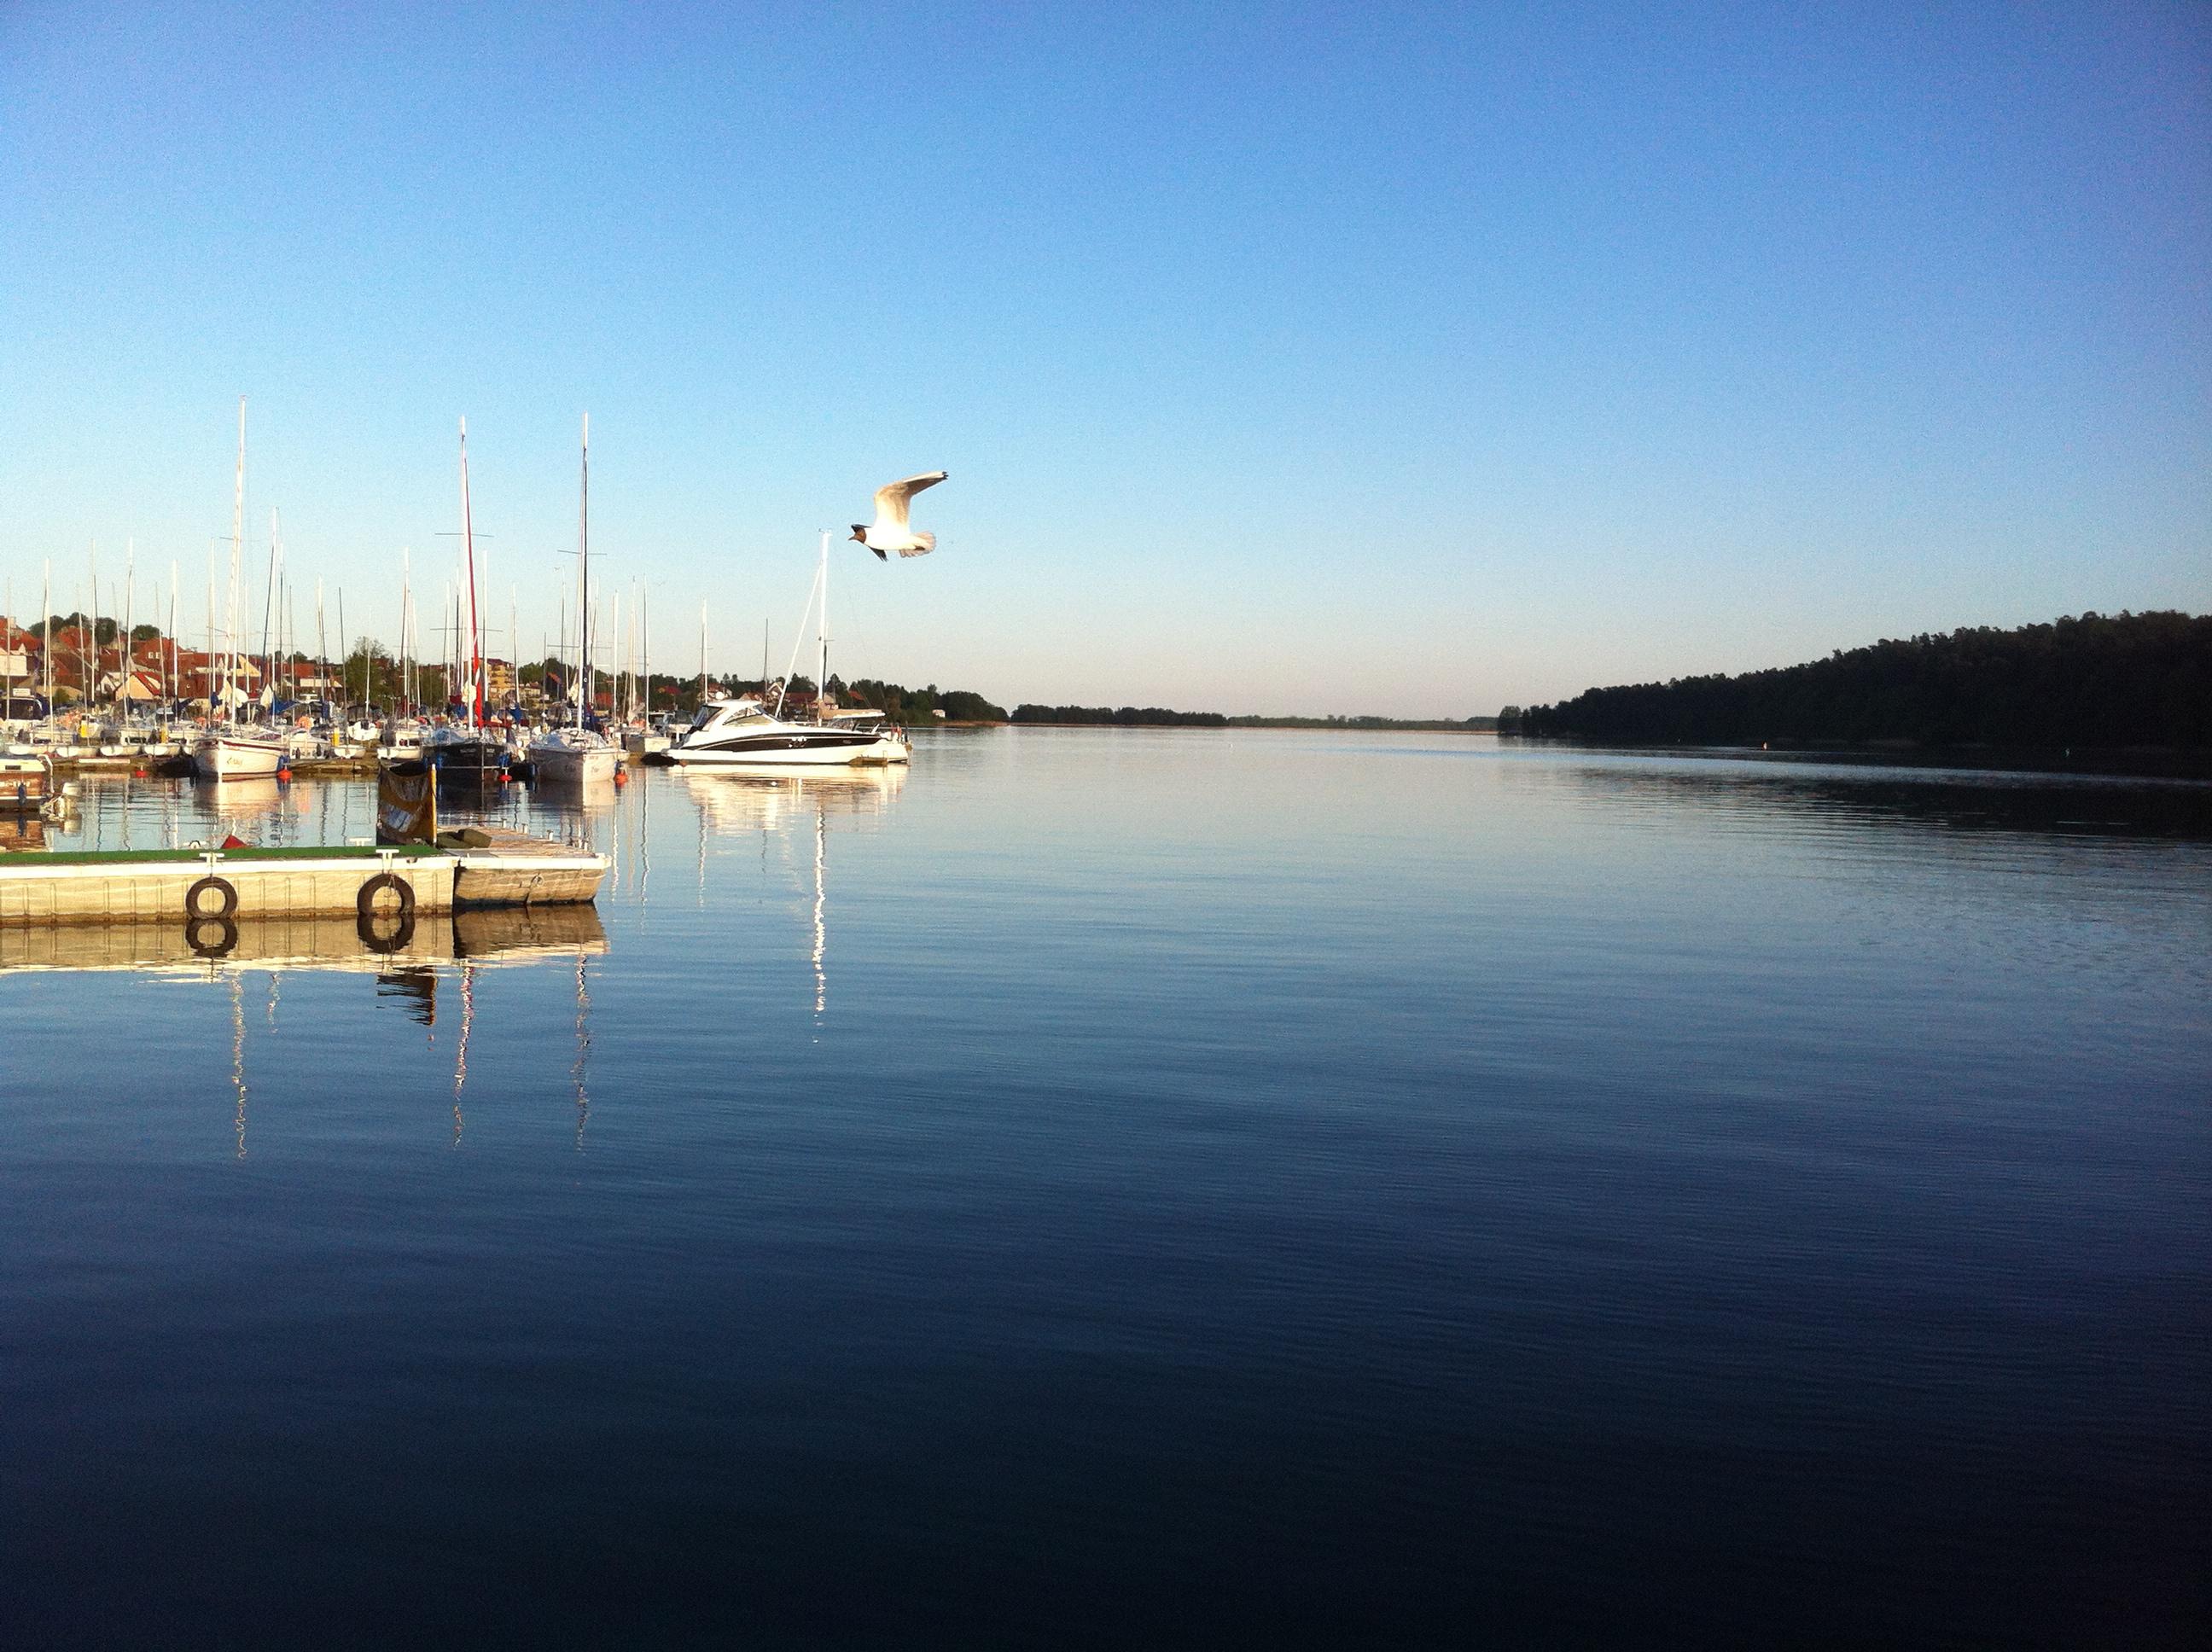 シニャルドゥヴィ湖 / Jezioro Śniardwy (NTV)